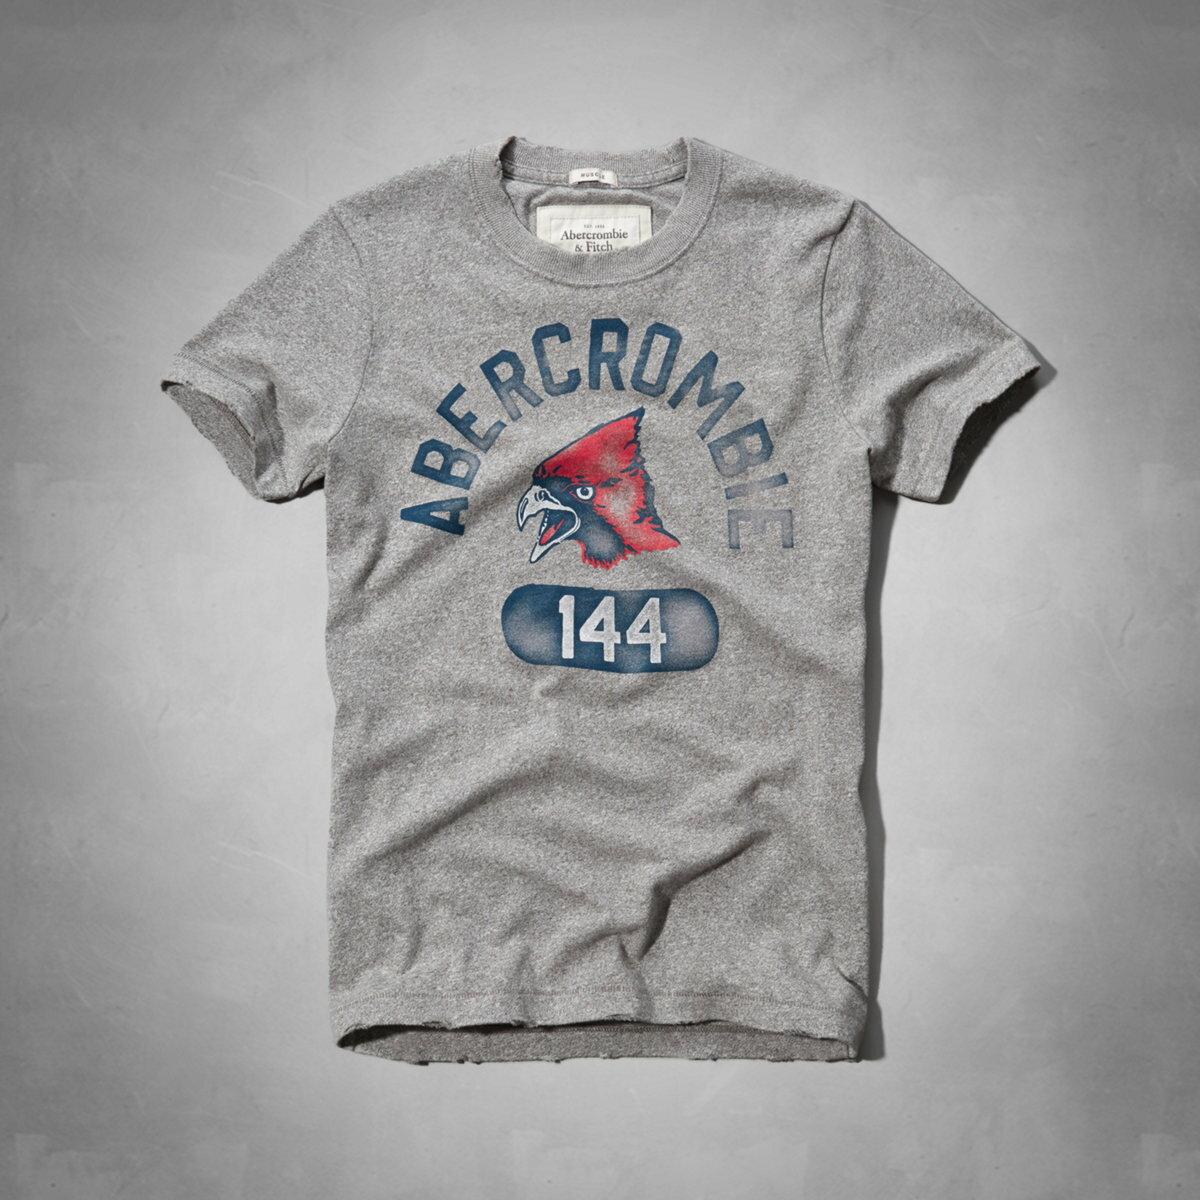 美國百分百【全新真品】Abercrombie & Fitch T恤 AF 短袖 T-shirt 麋鹿 灰 圓領 復古 動物 男 L號